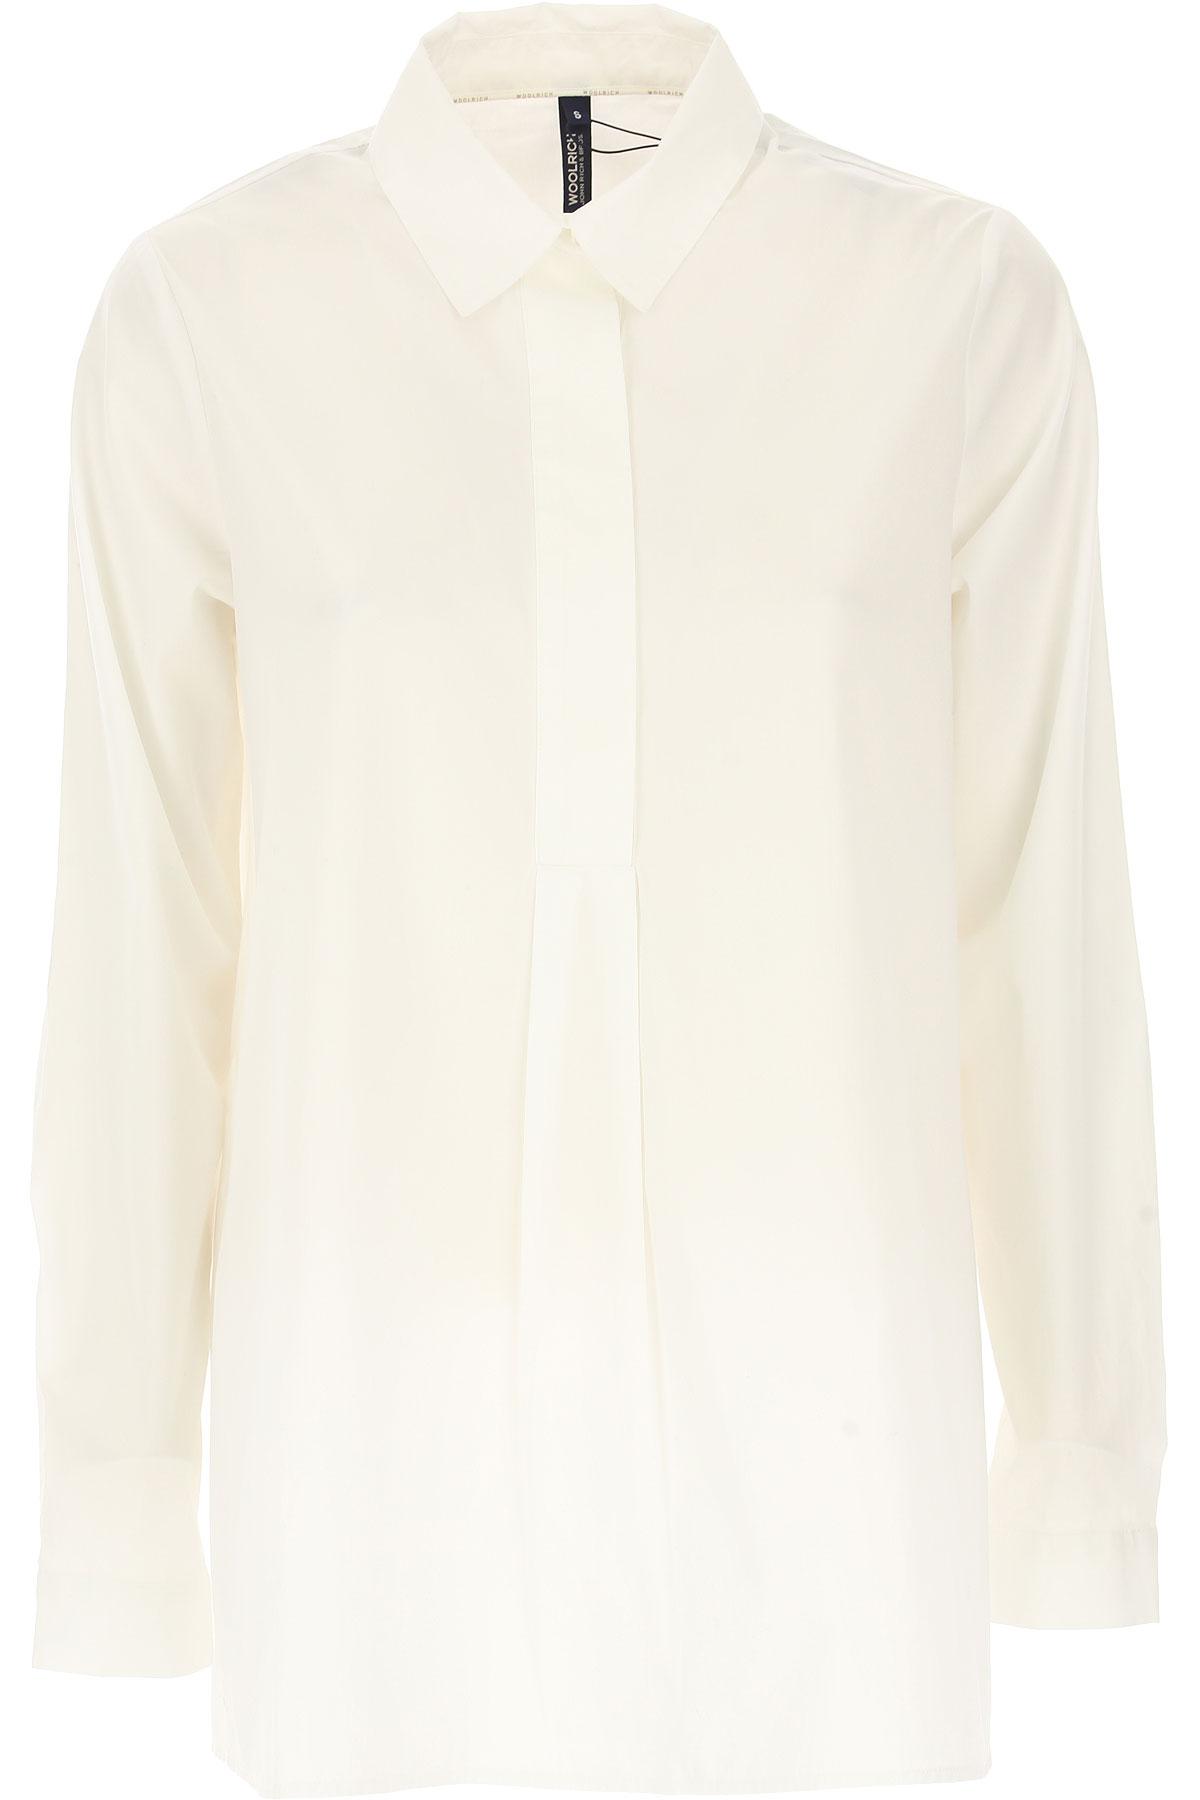 Woolrich Chemise Femme, Blanc, Coton, 2017, 38 40